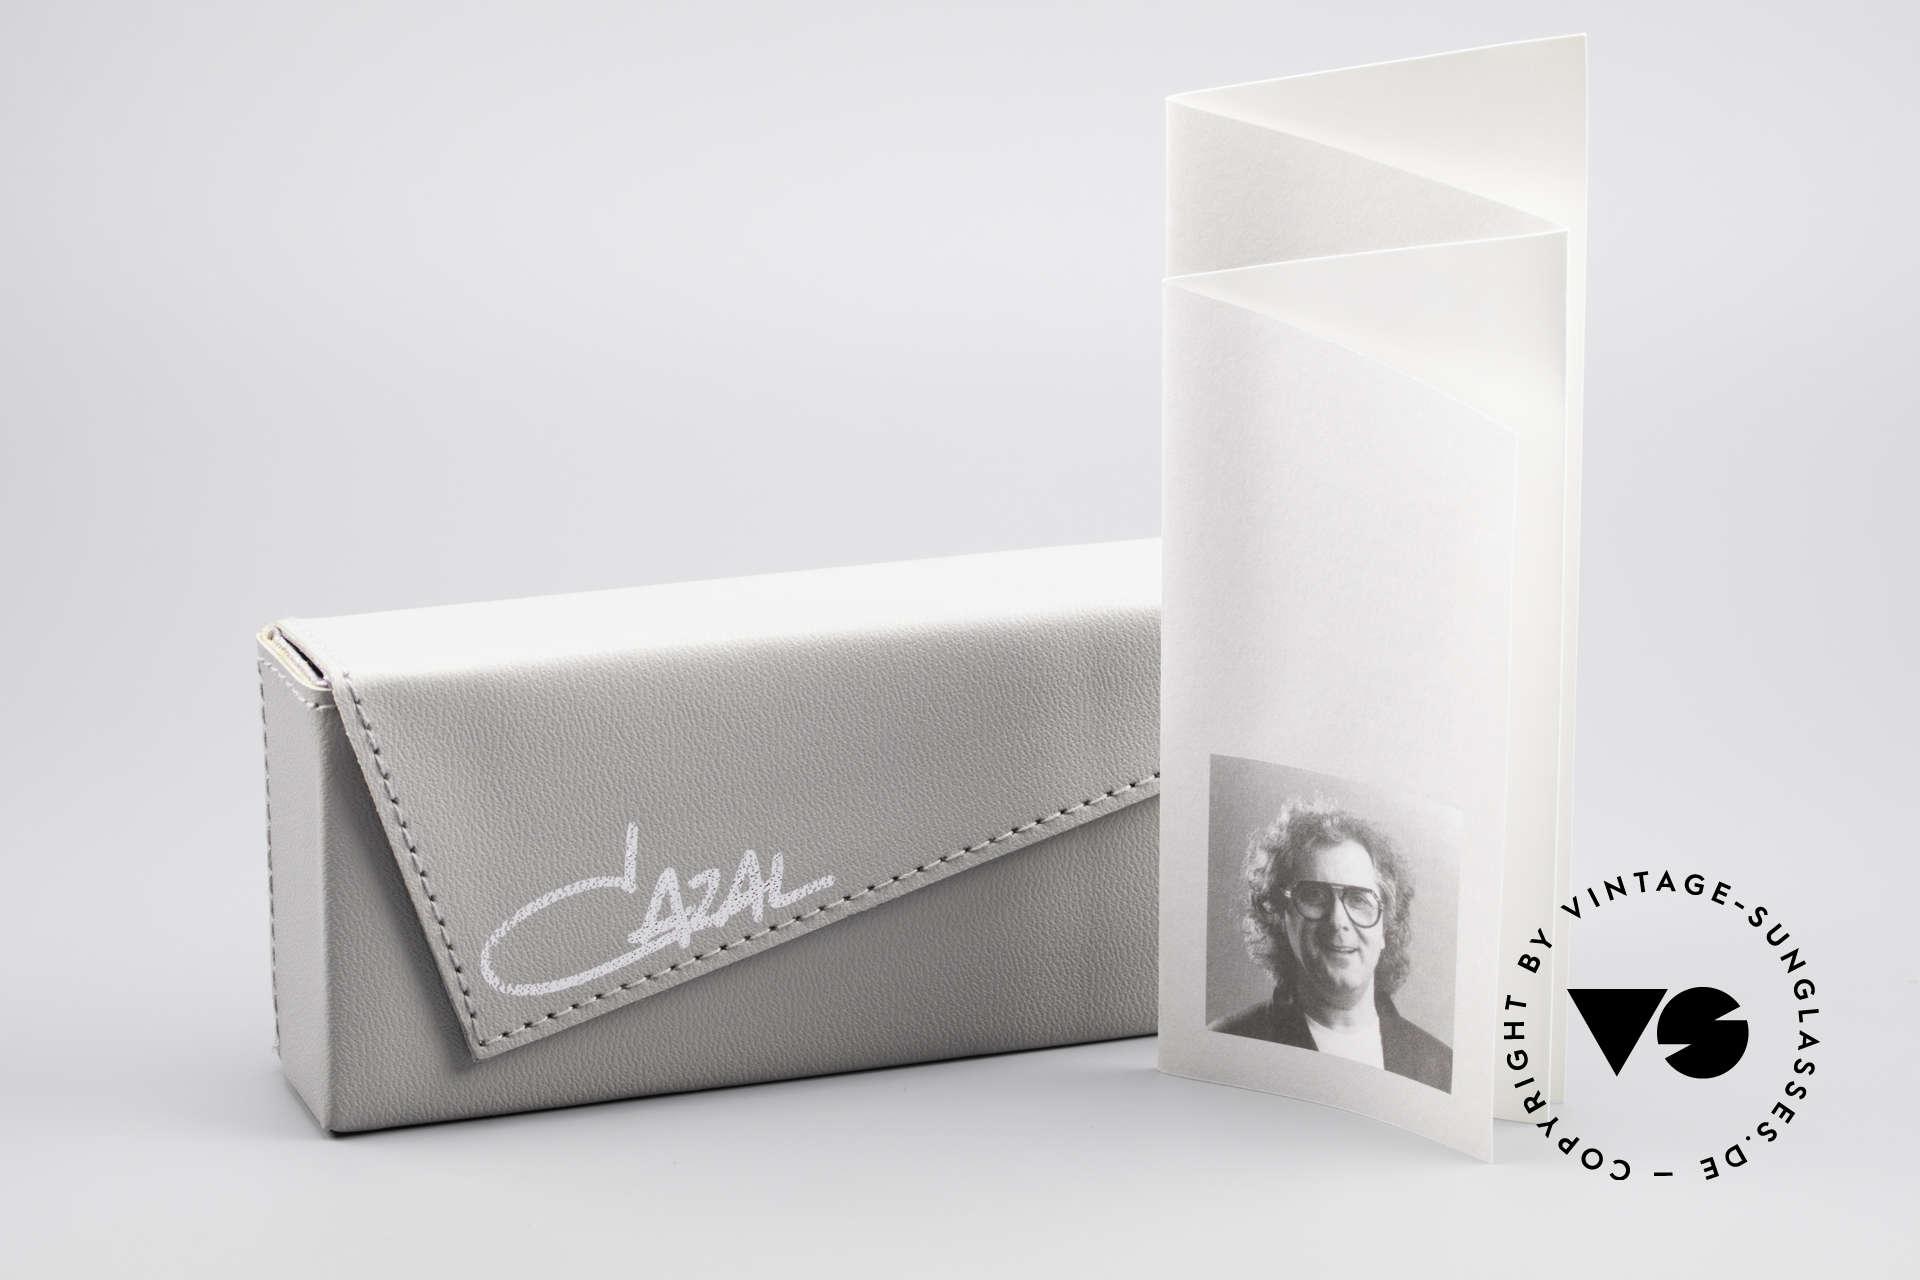 Cazal 869 80er True Vintage Sonnenbrille, Größe: medium, Passend für Herren und Damen